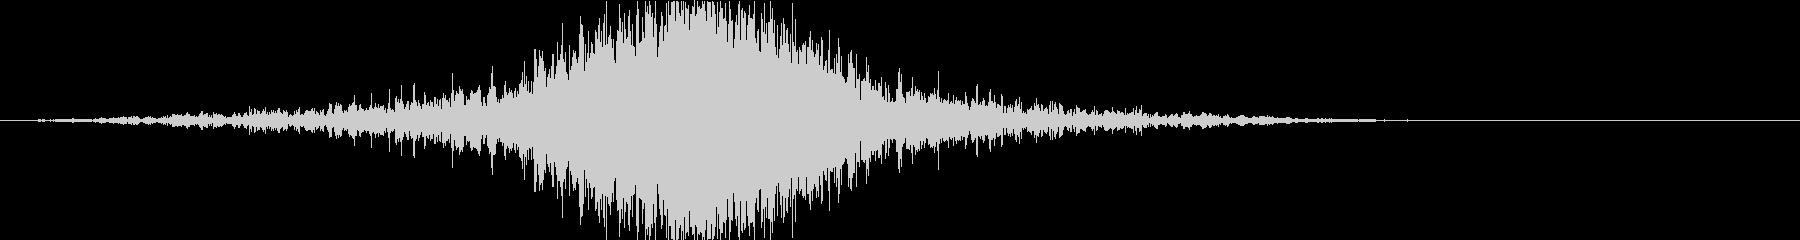 ドラマティックなリバース音39-02の未再生の波形